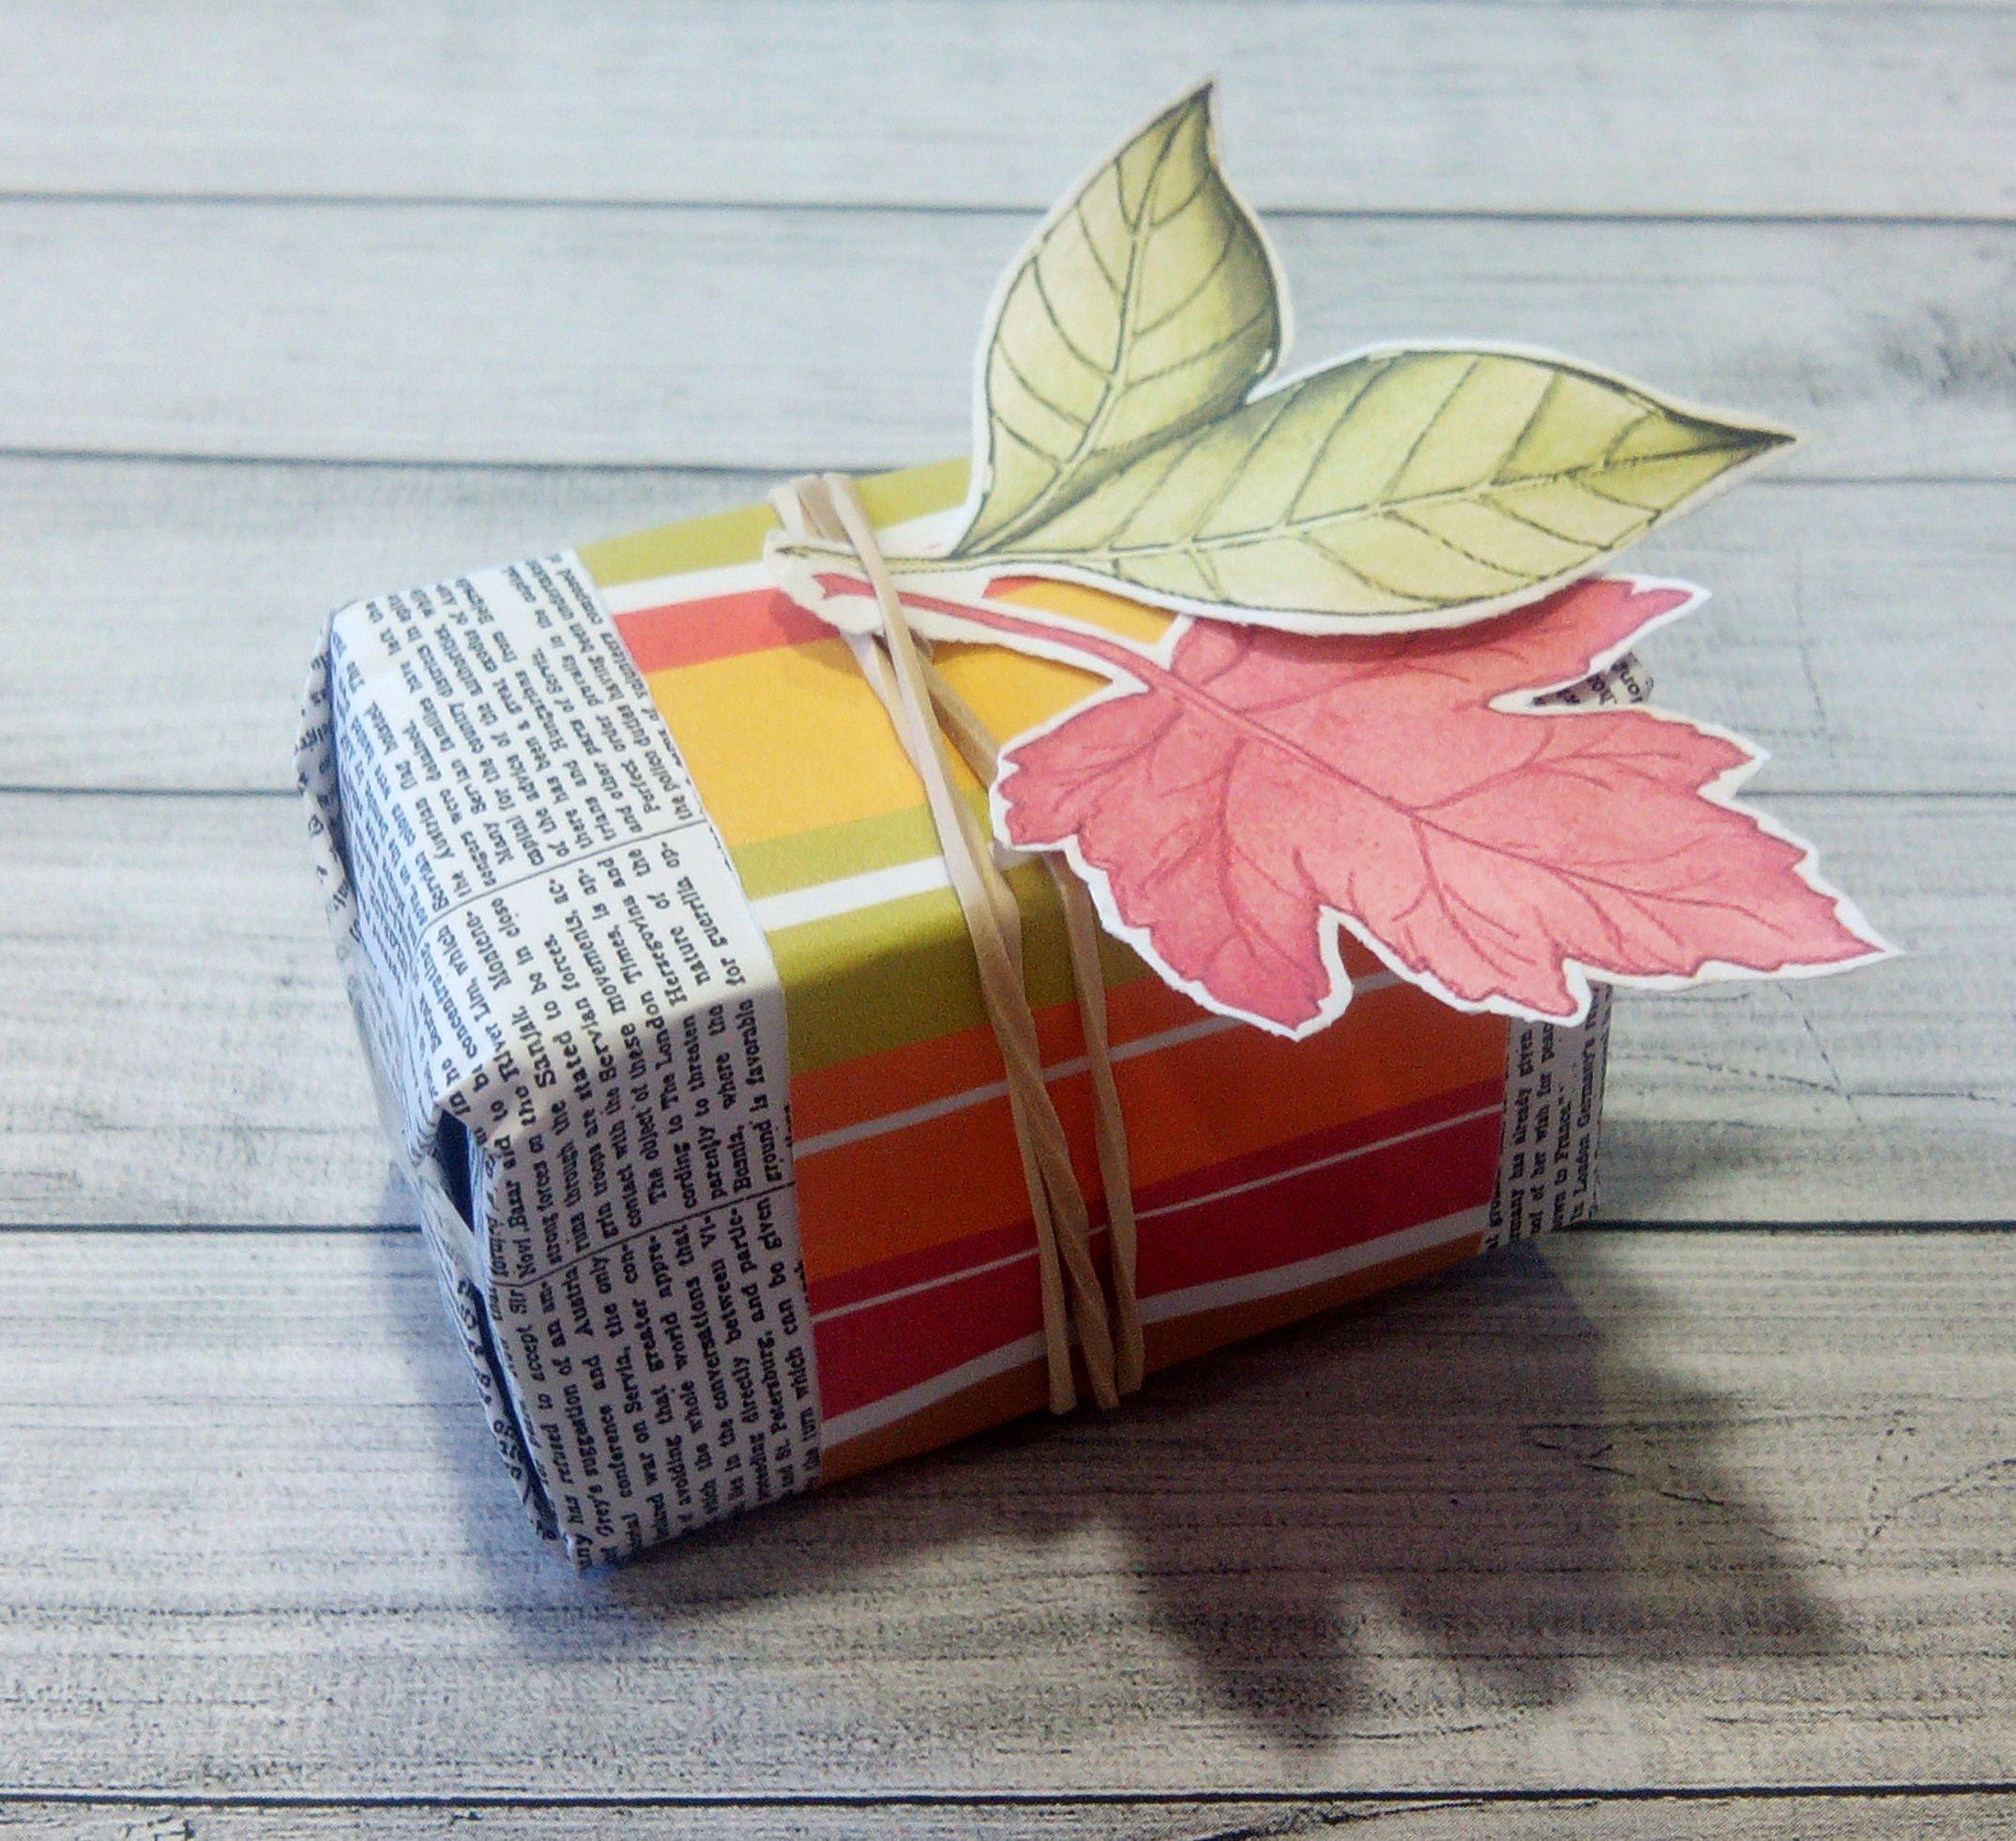 Mañana: Recursos Para Packaging De Otoño, En El Blog! Www